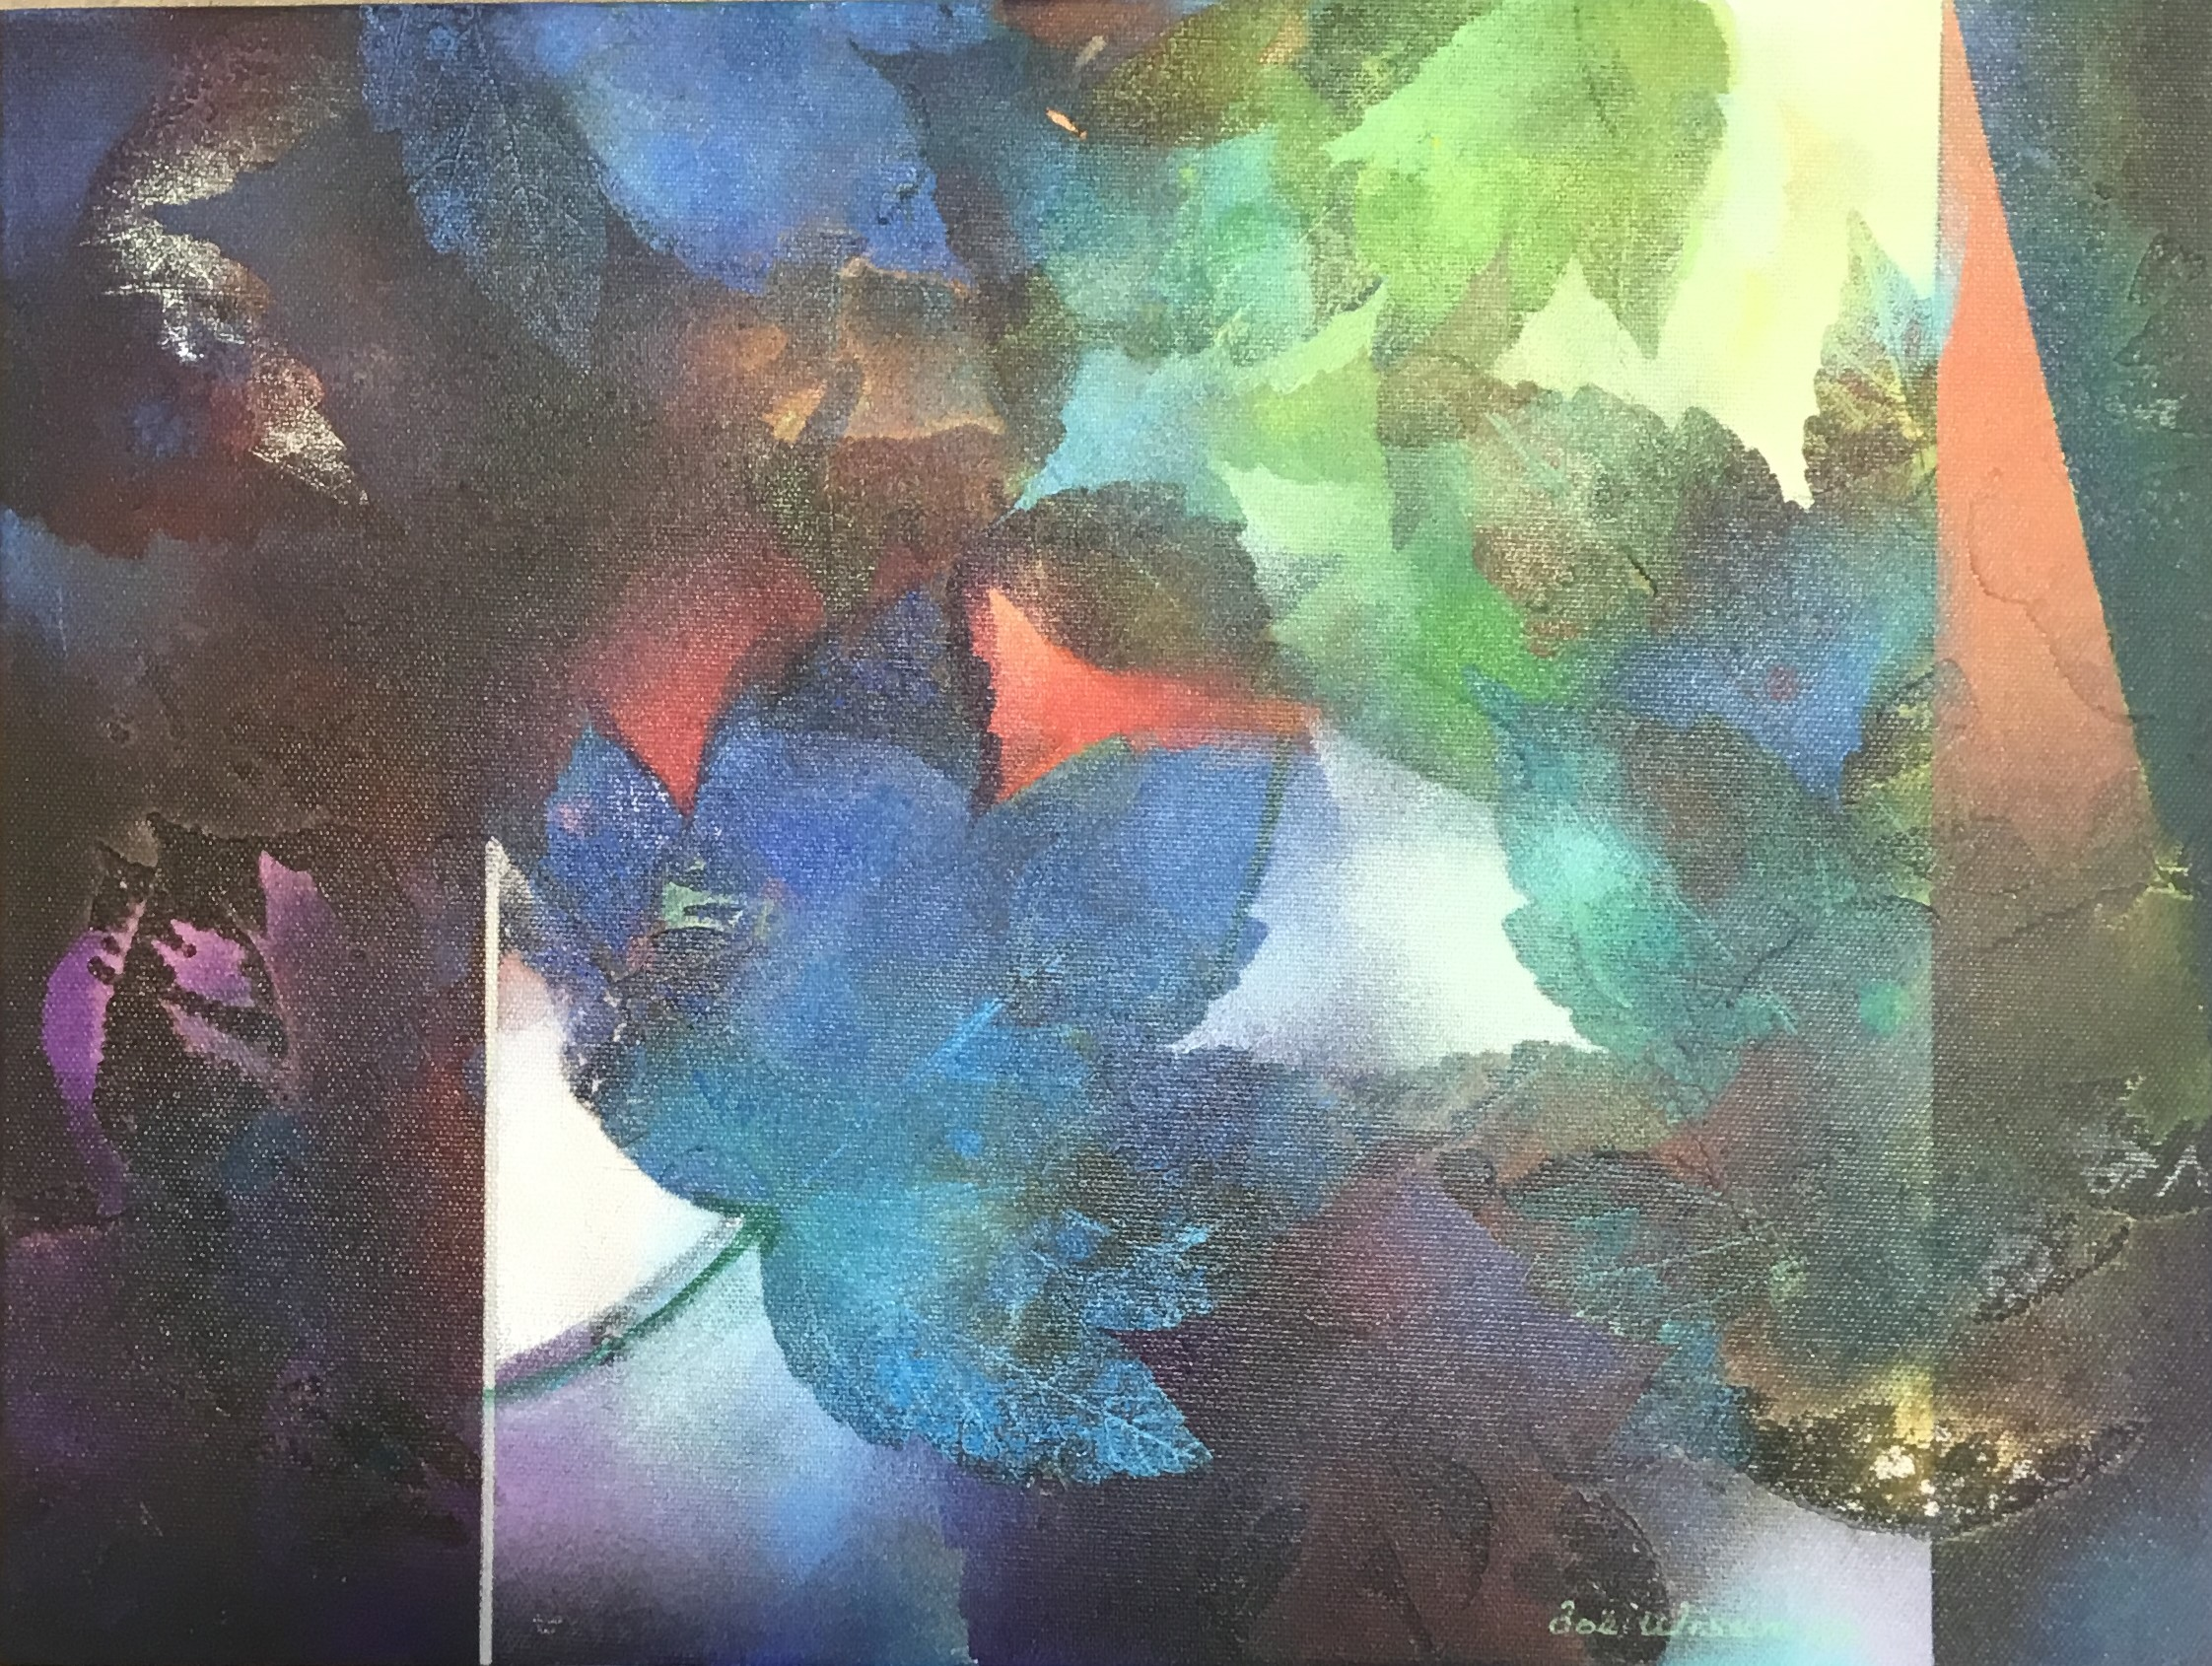 Zoe Wiseman - Dappled Light Mixed Media